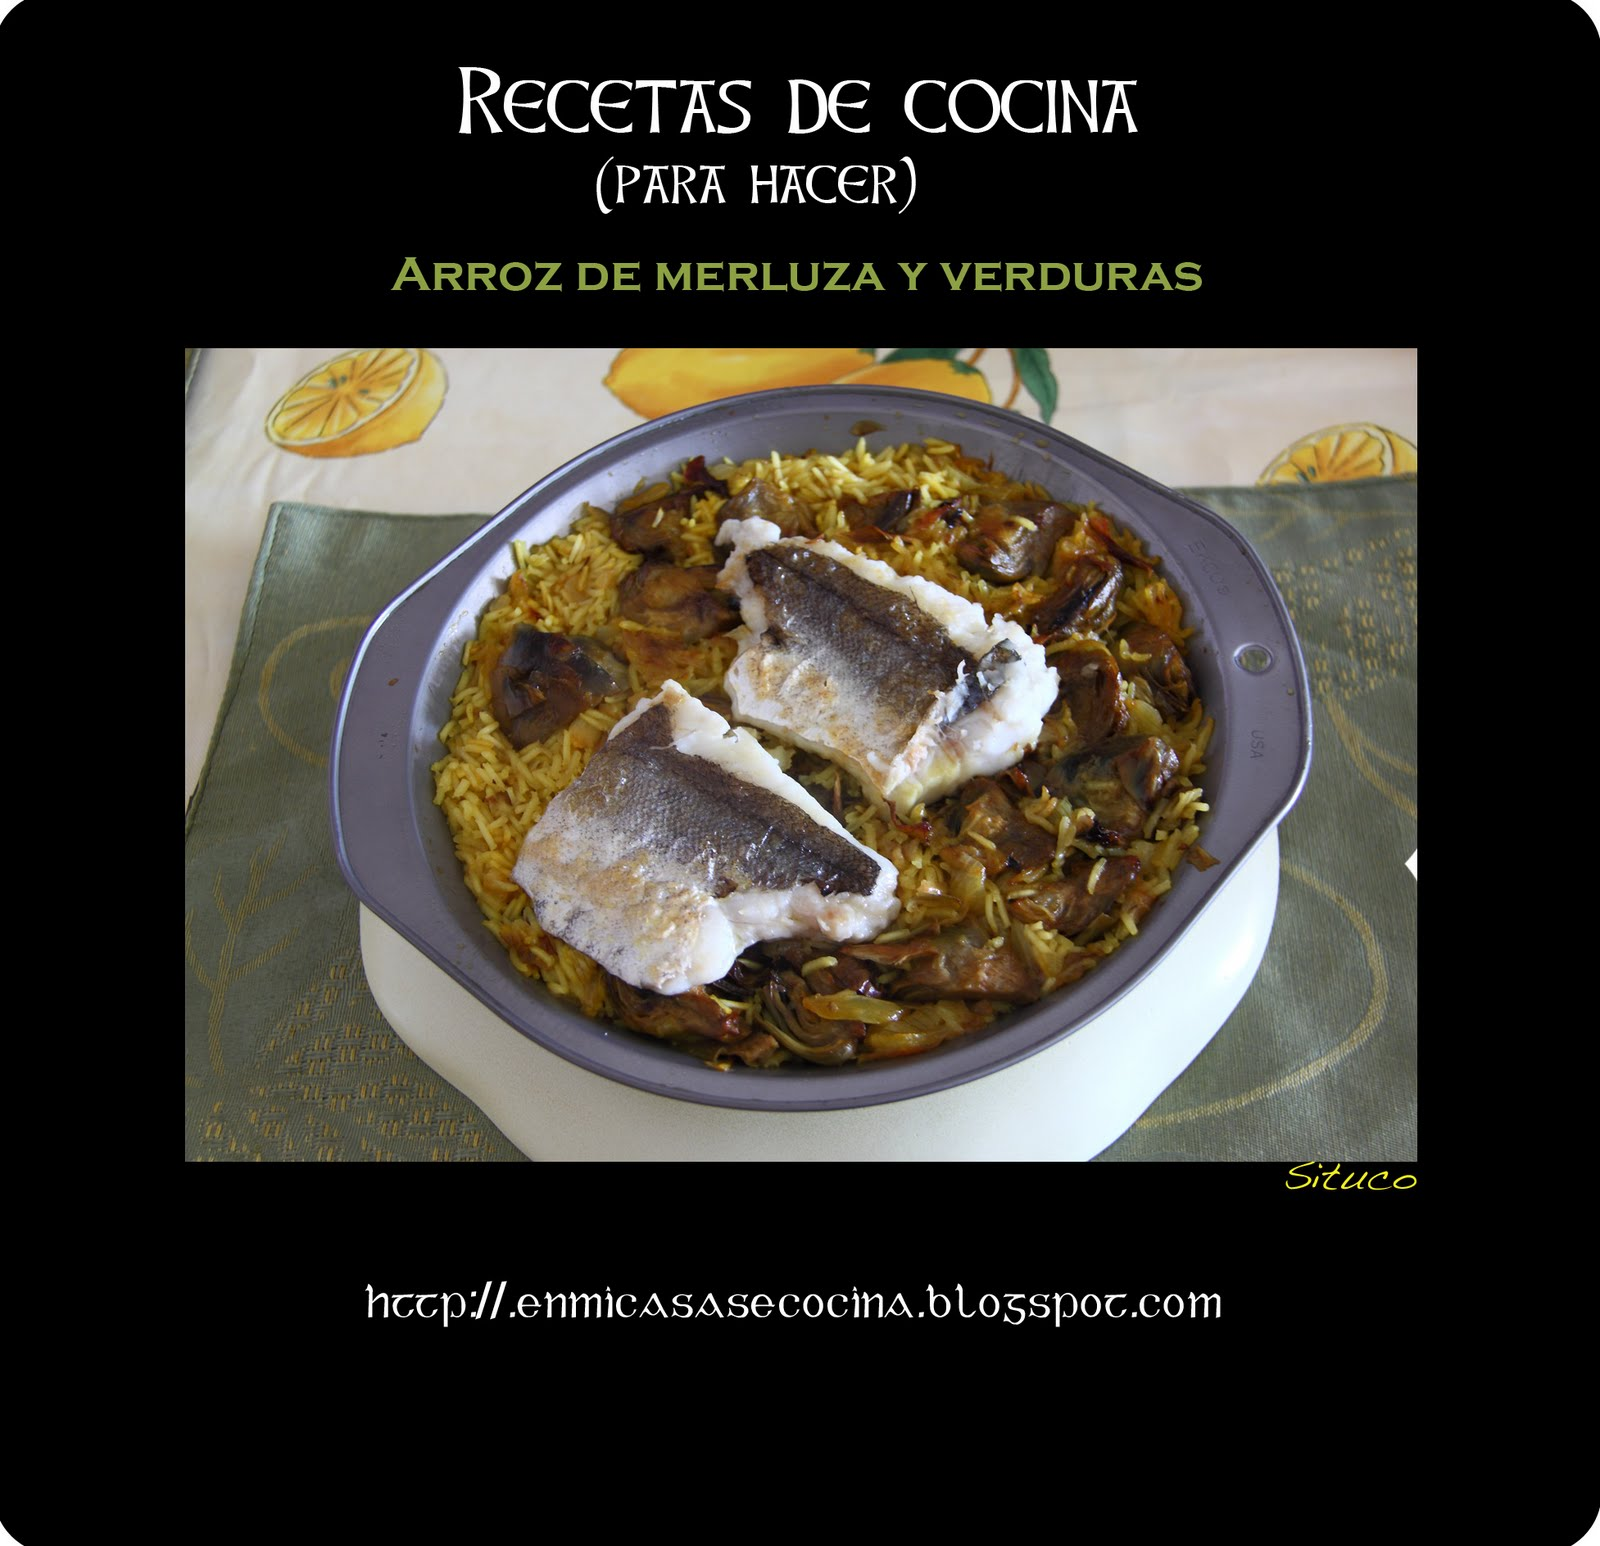 Cocinando en mi casa arroz de merluza y verduras for Cocinando en mi casa